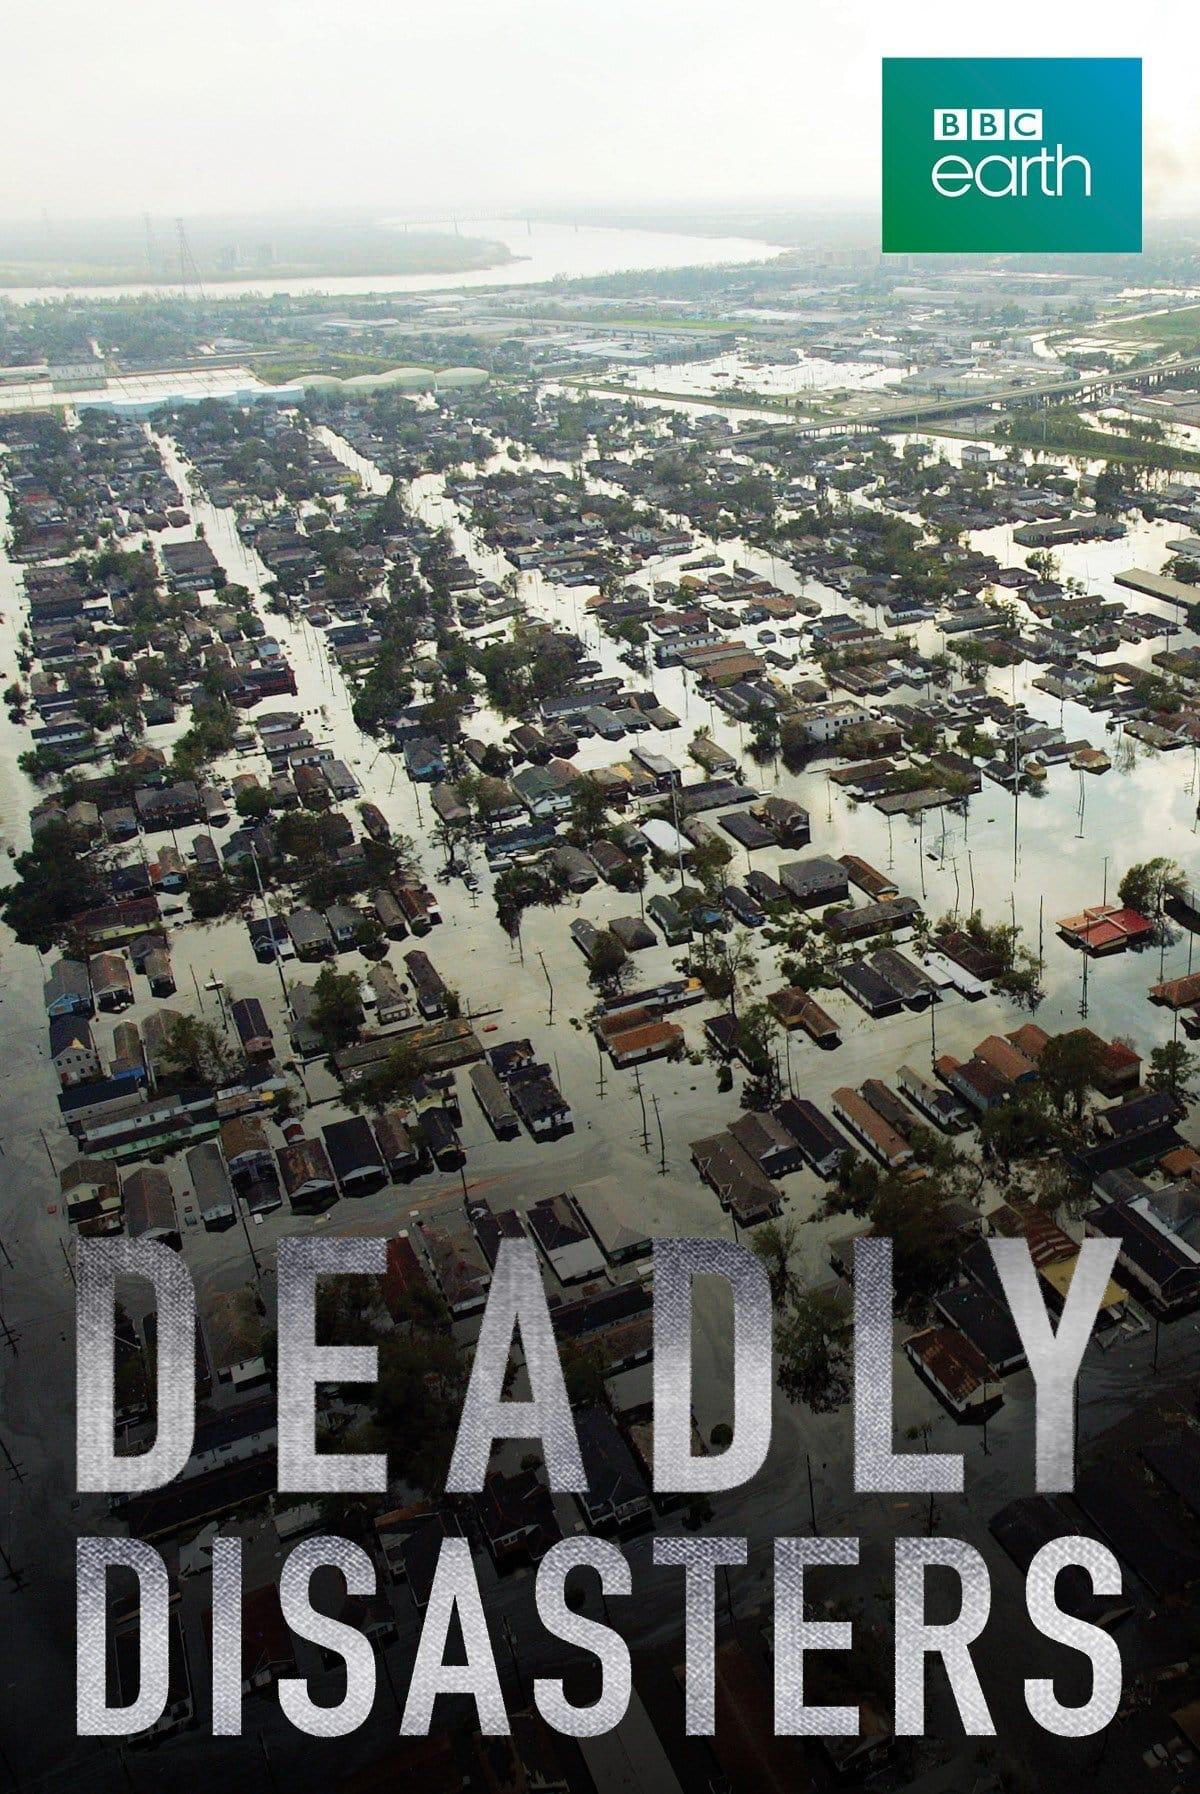 Tödliche Naturgewalten TV Shows About Disaster